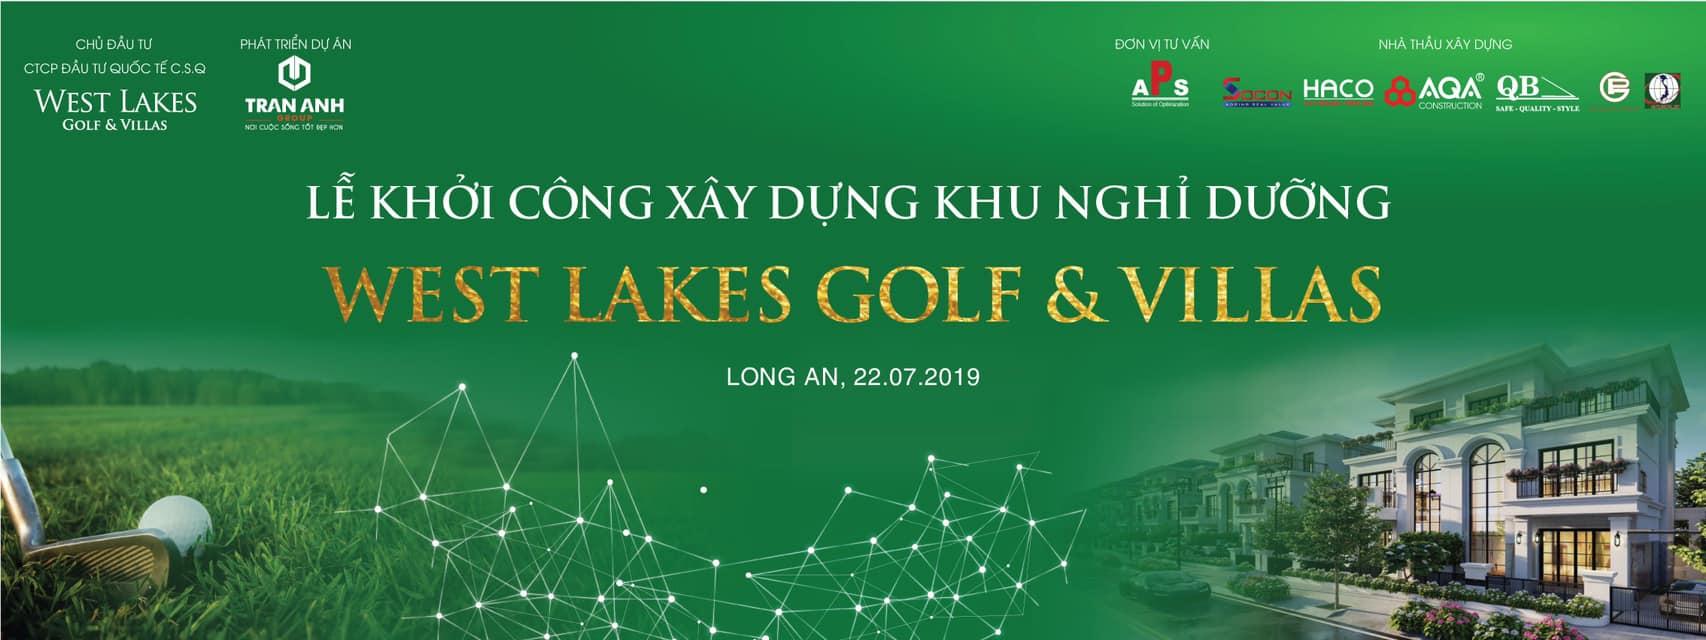 Tại sao Dự Án West Lakes Golf & Villas Đức Hòa thu hút mạnh nhà Đầu Tư? - Hình 2